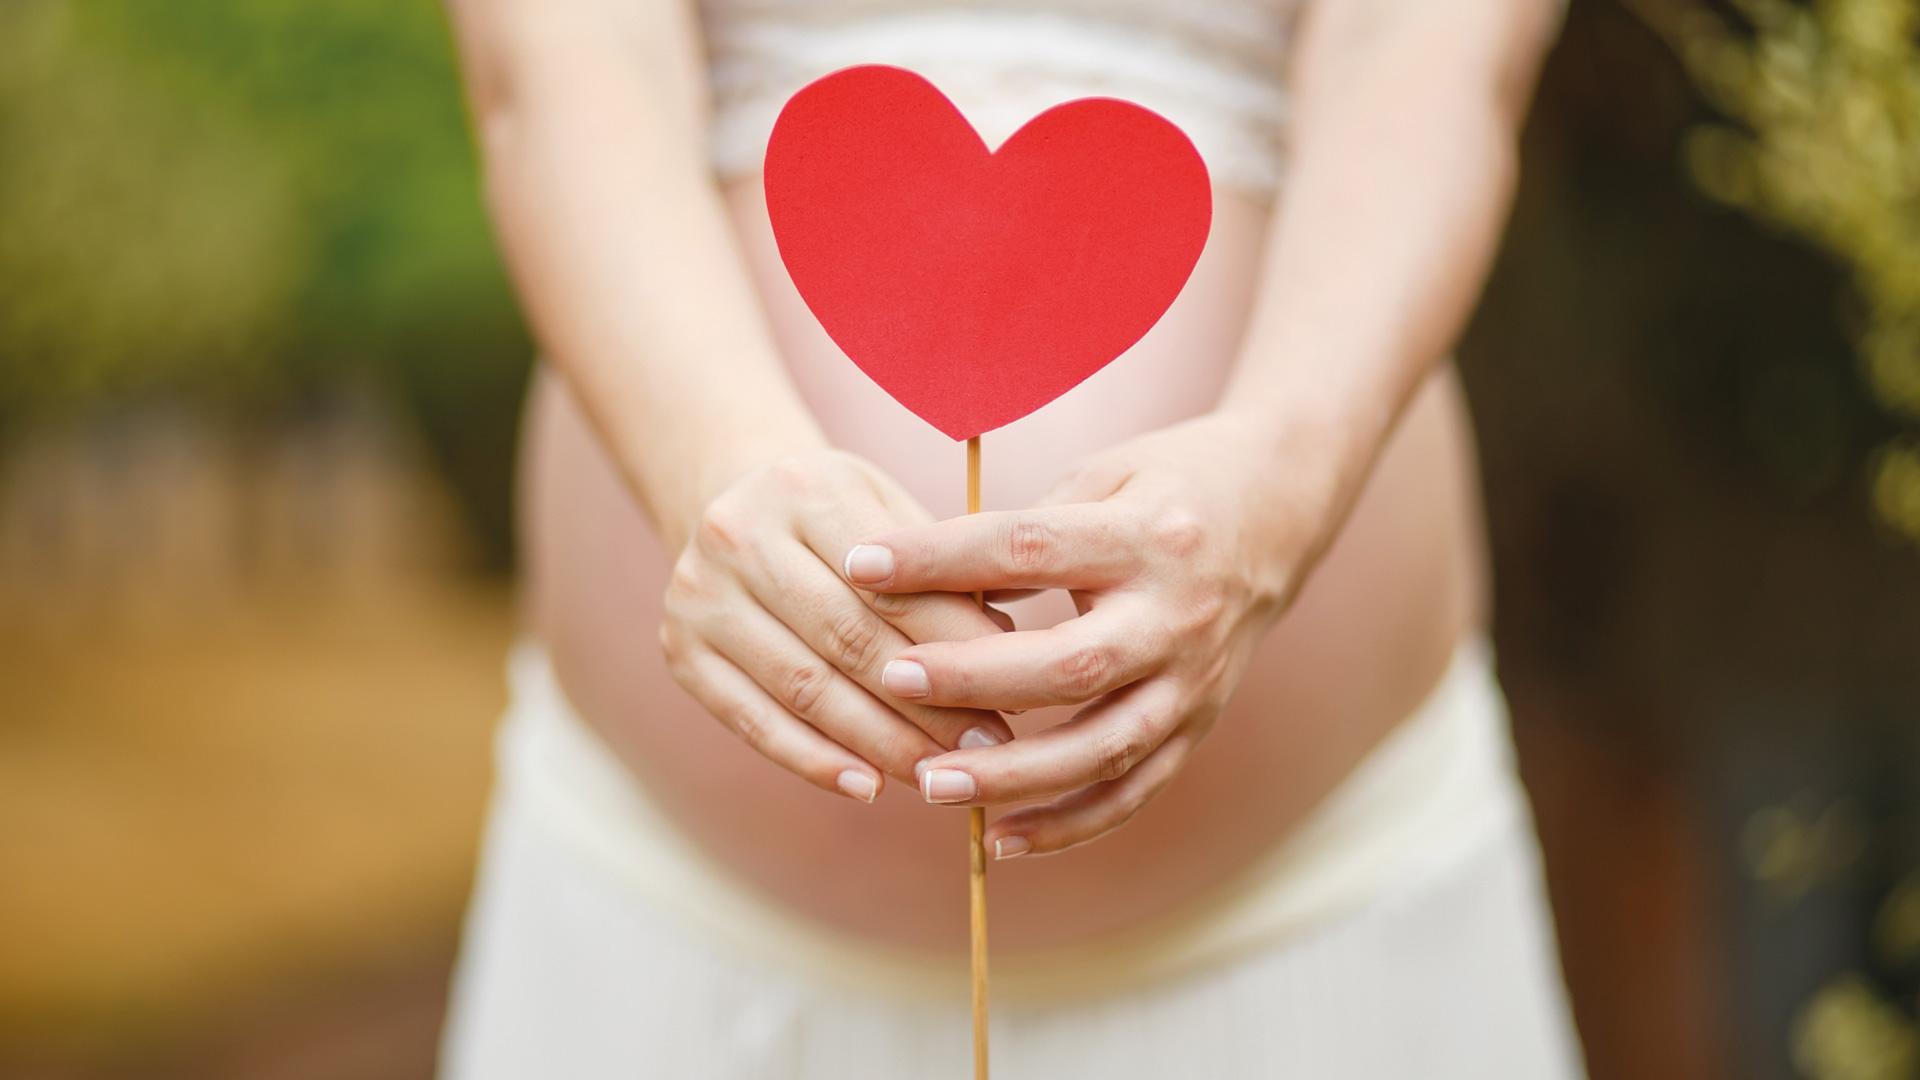 Desde-el-utero-materno-carta-a-mama